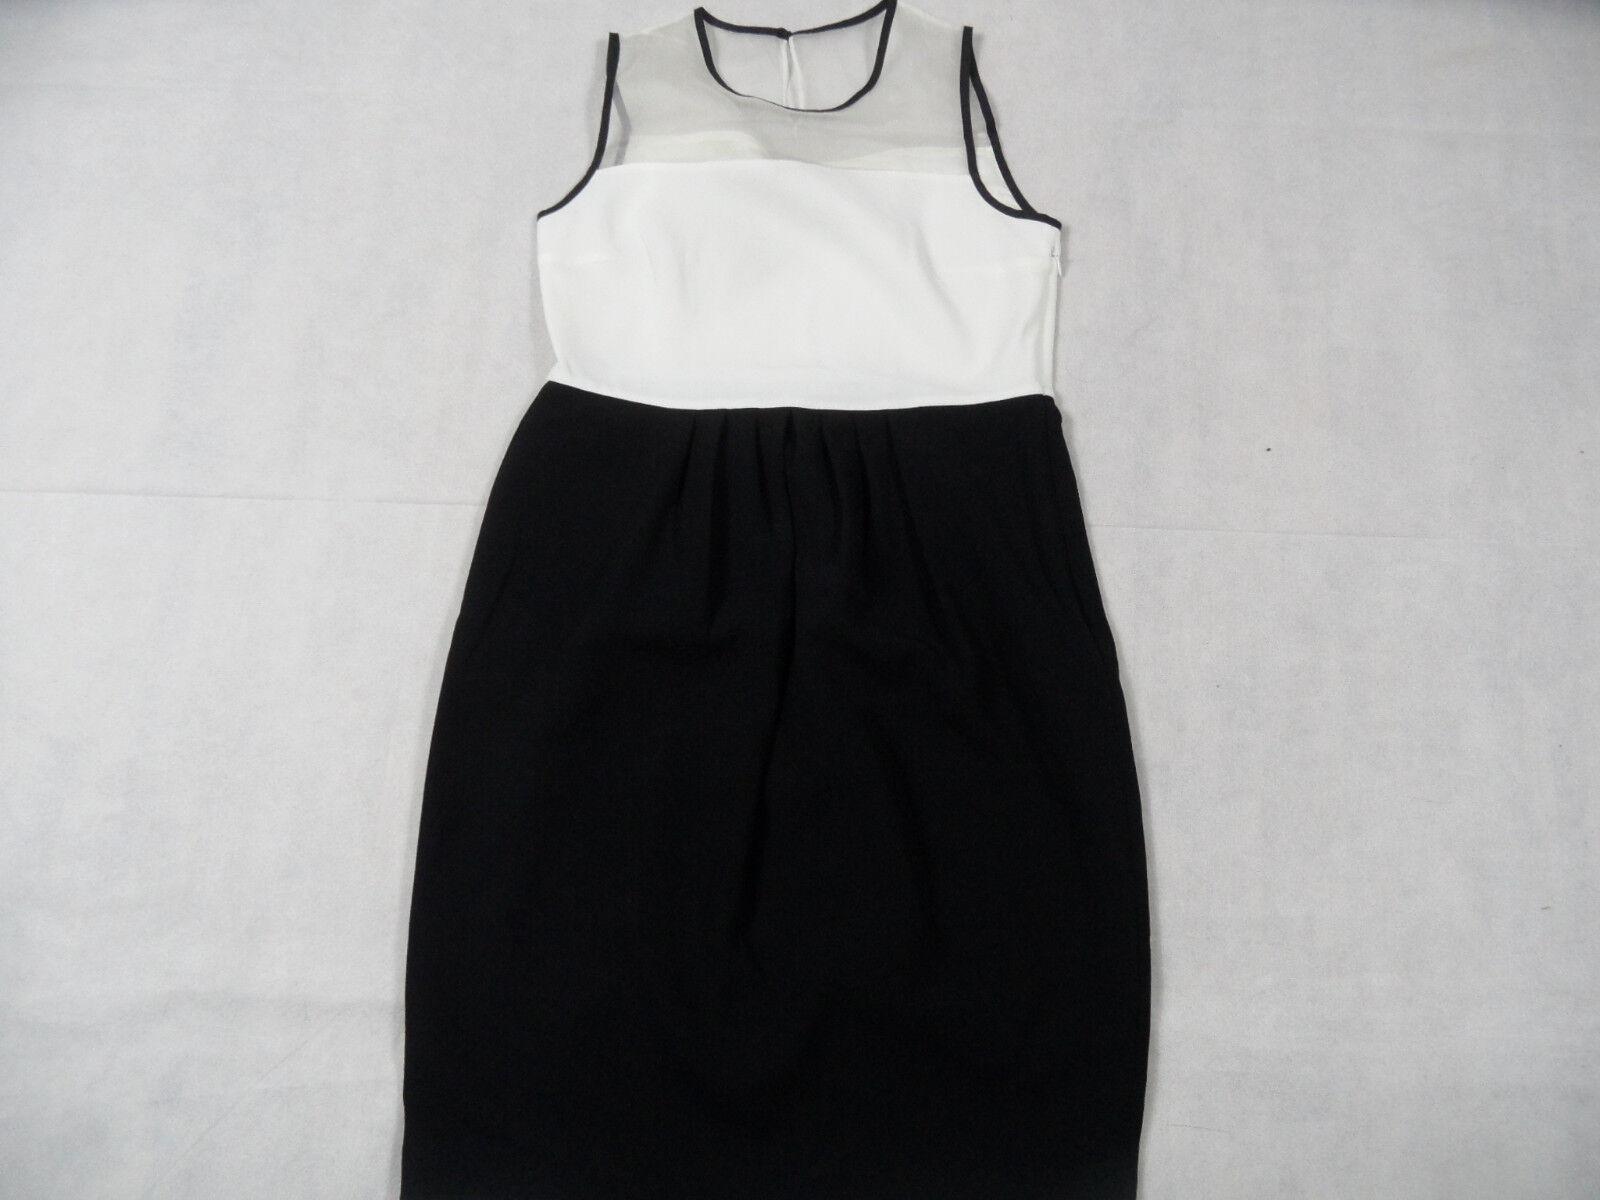 ac7530820ee4 MAX Mara Studio vestito nero crema Tg. 38 Top kw918 miniabito nrlczv1045- Vestiti